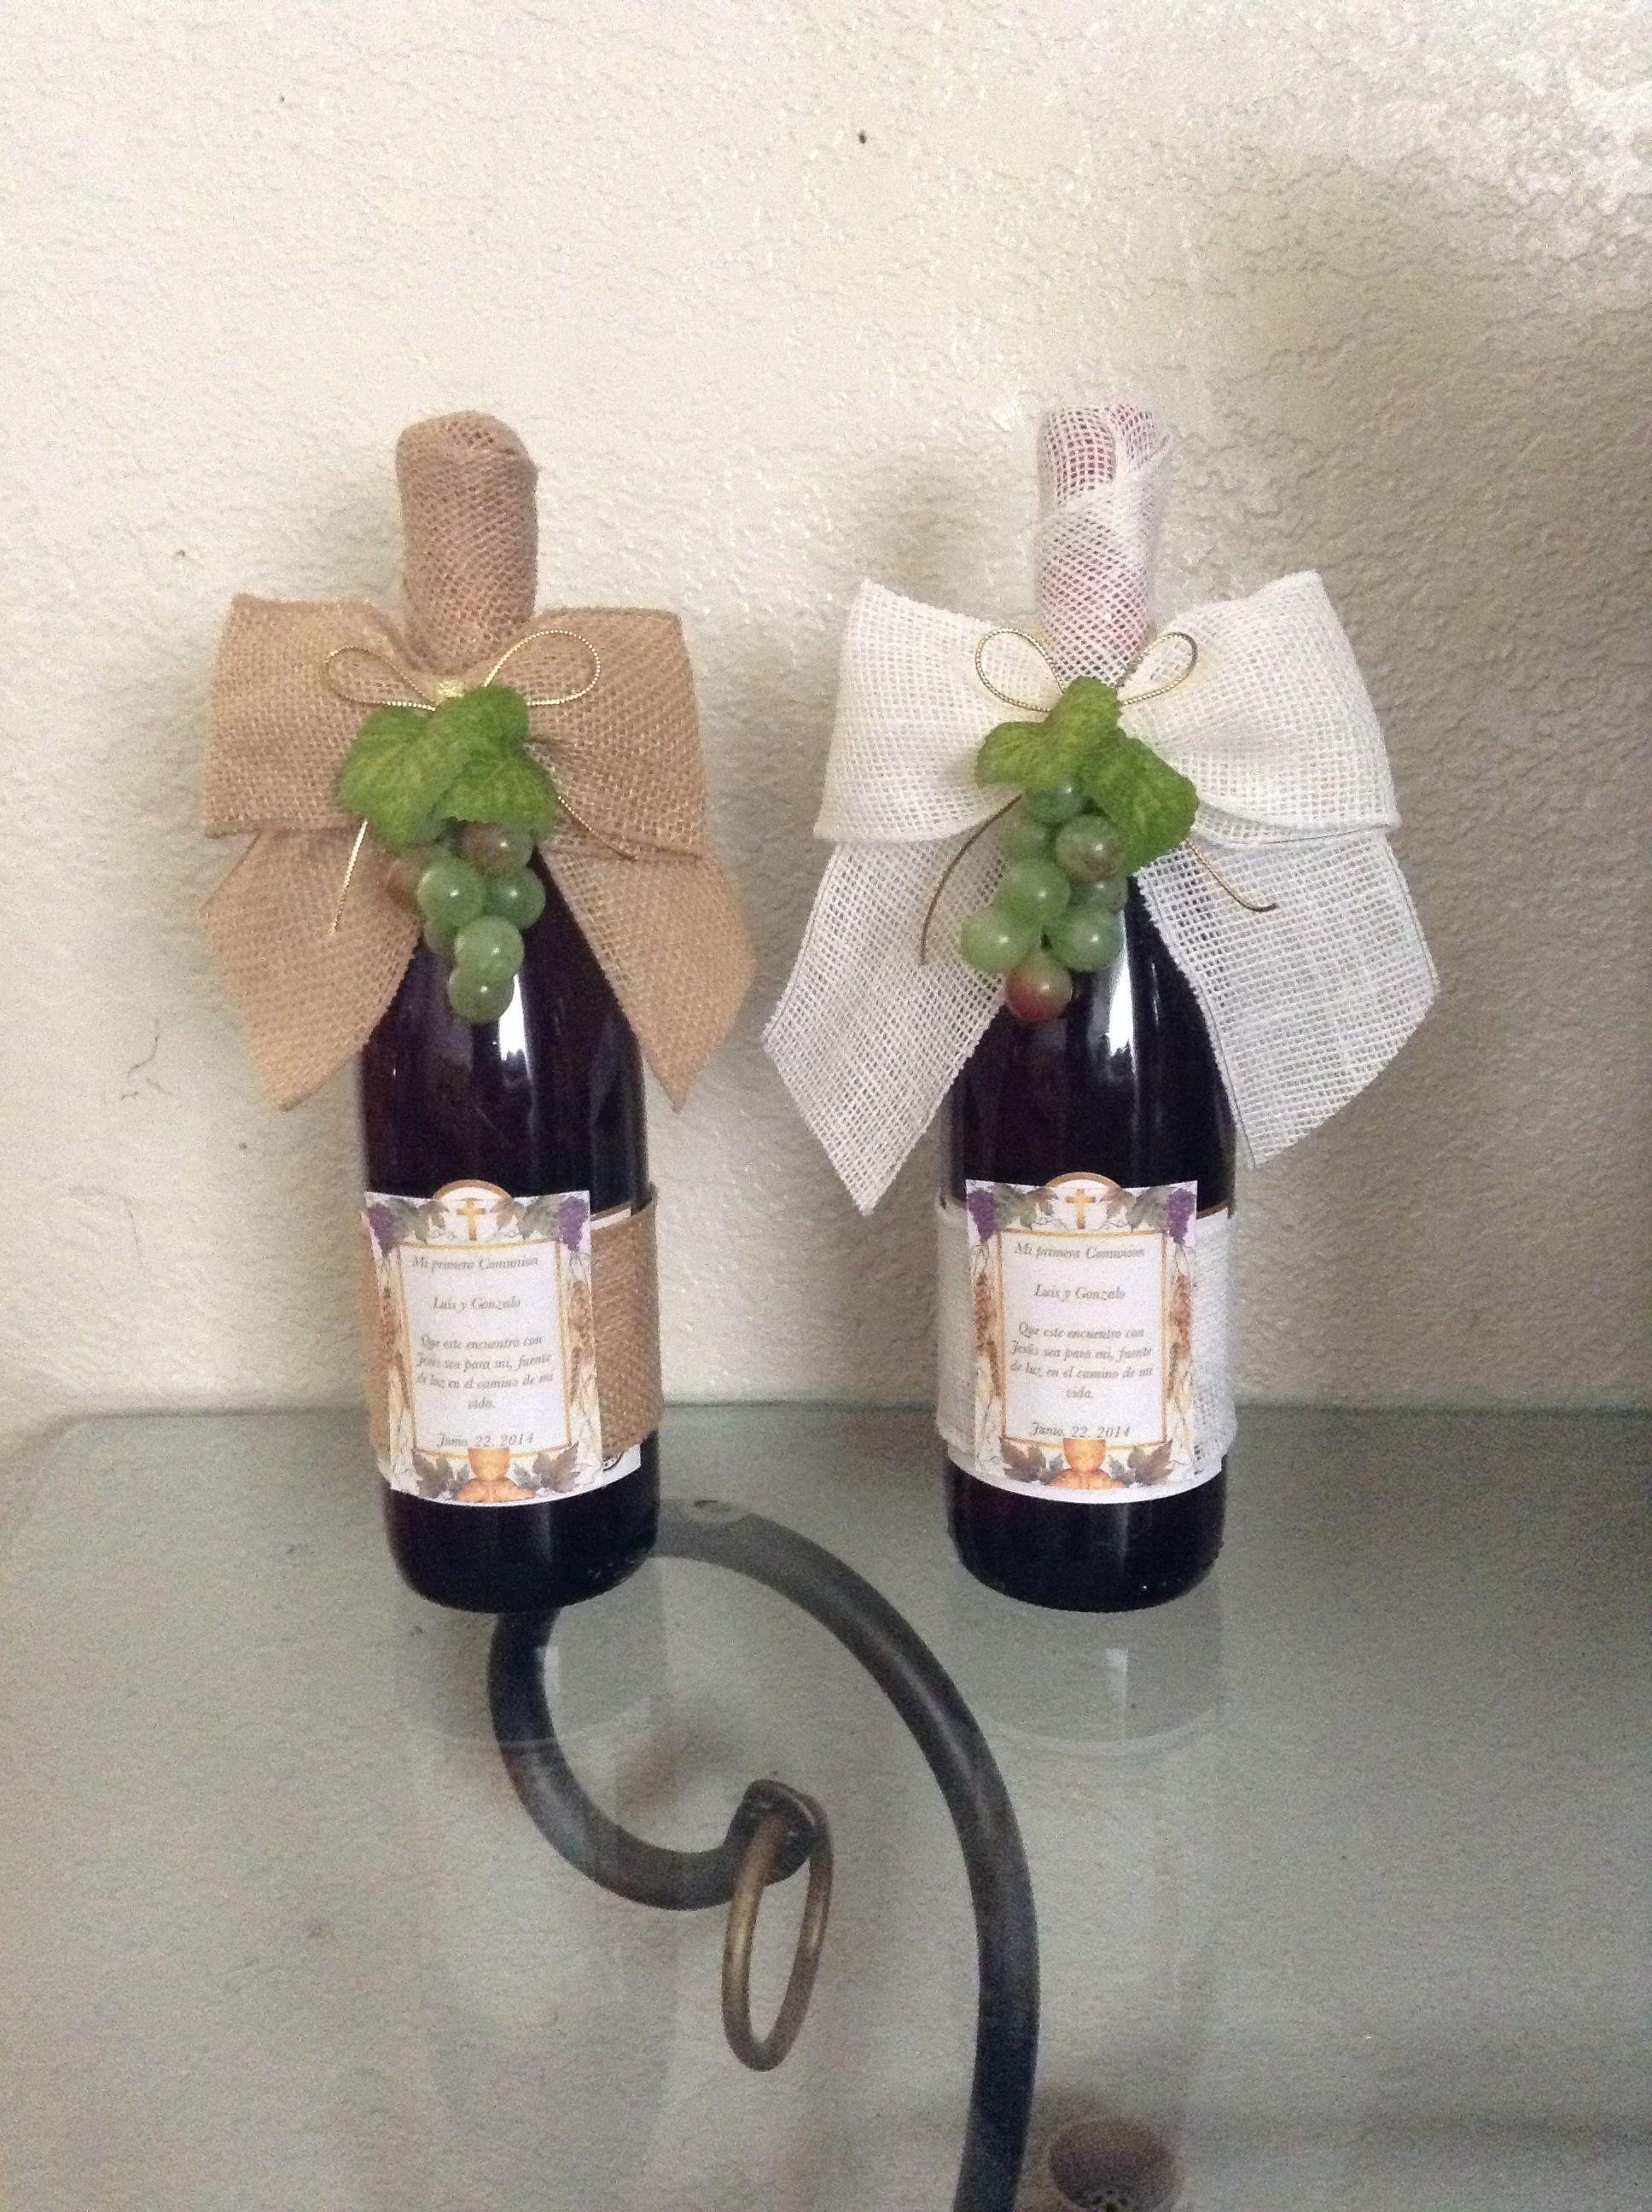 Botellas de vino como centr de mesa primera comunion - Centros de mesa con botellas ...